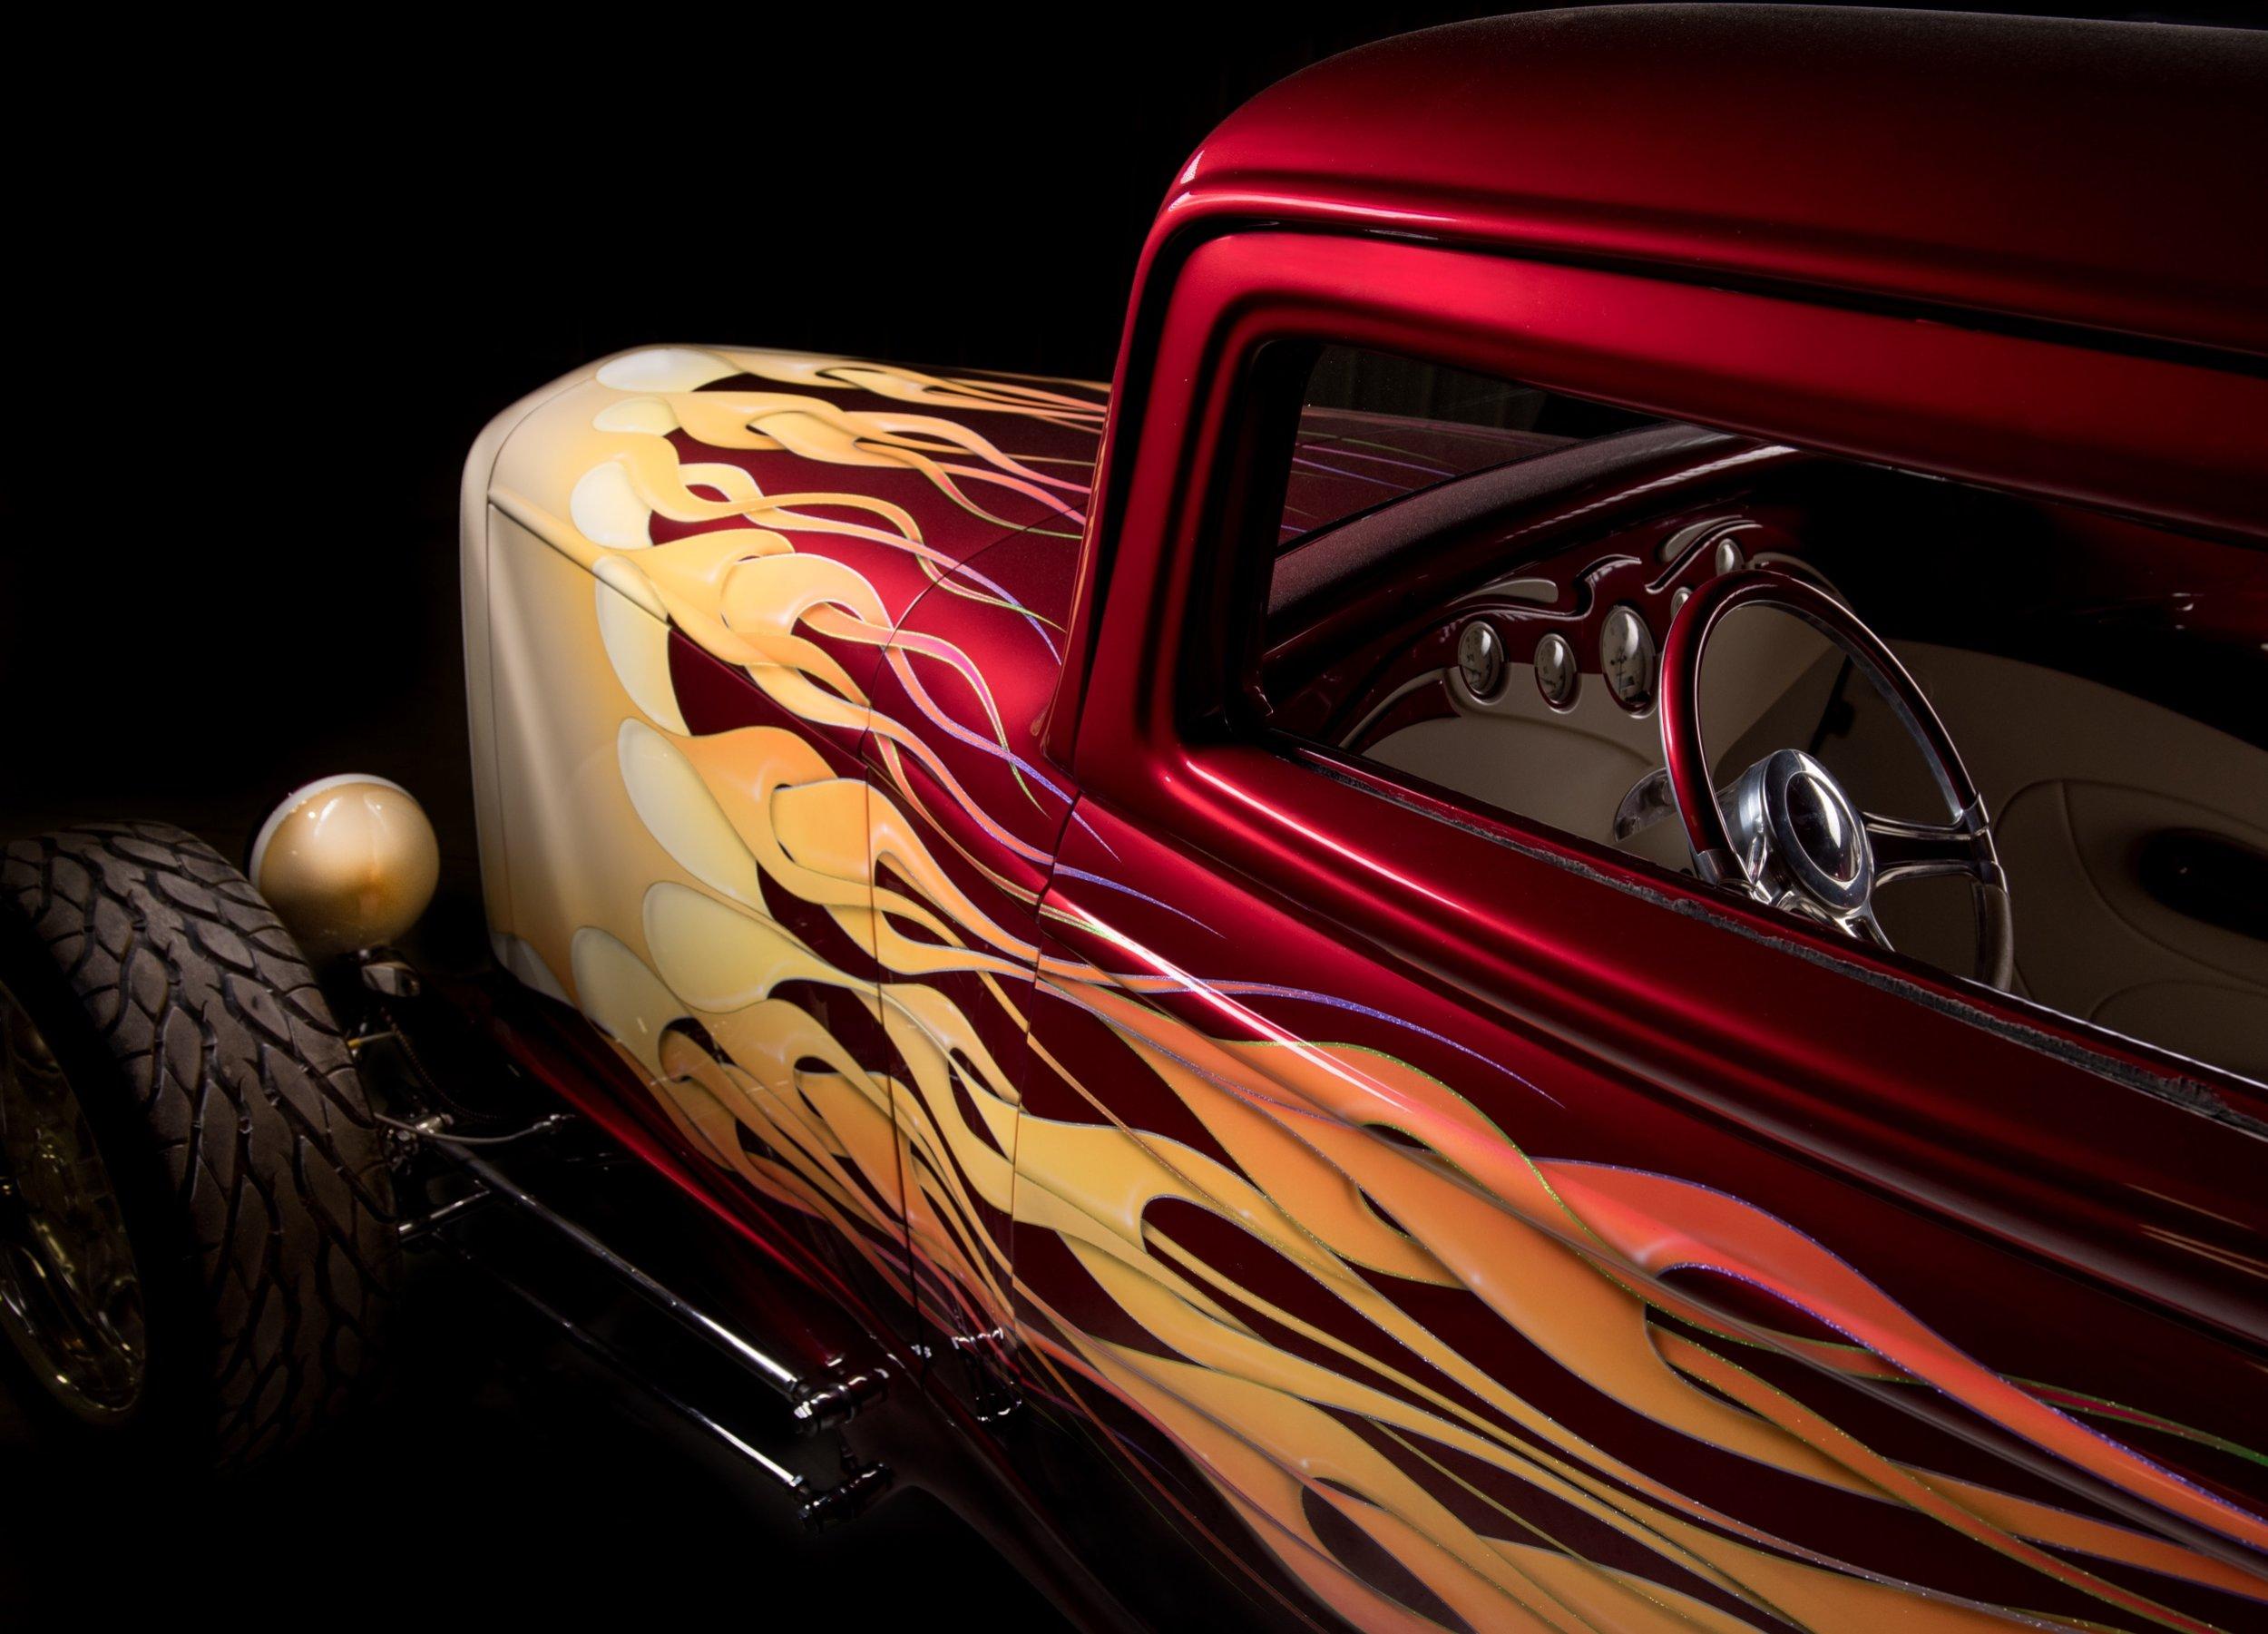 Decades of wheels hot rod paint job car photo.jpeg